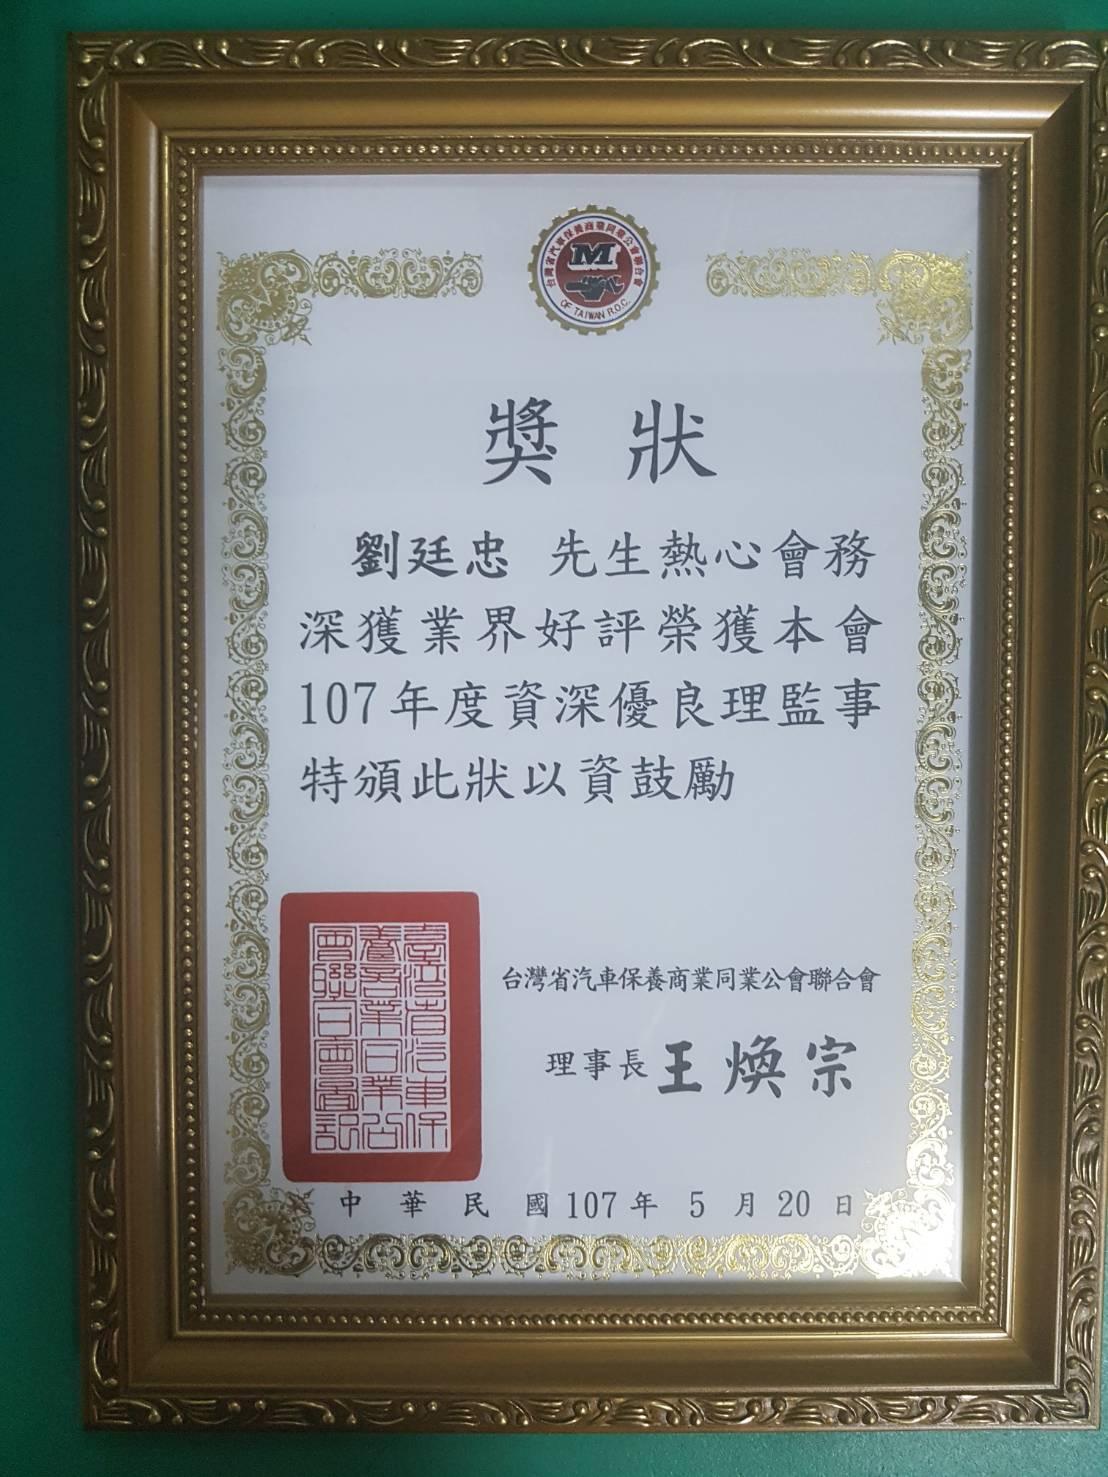 台南市安南區推薦維修廠長溪汽車保養場獎狀